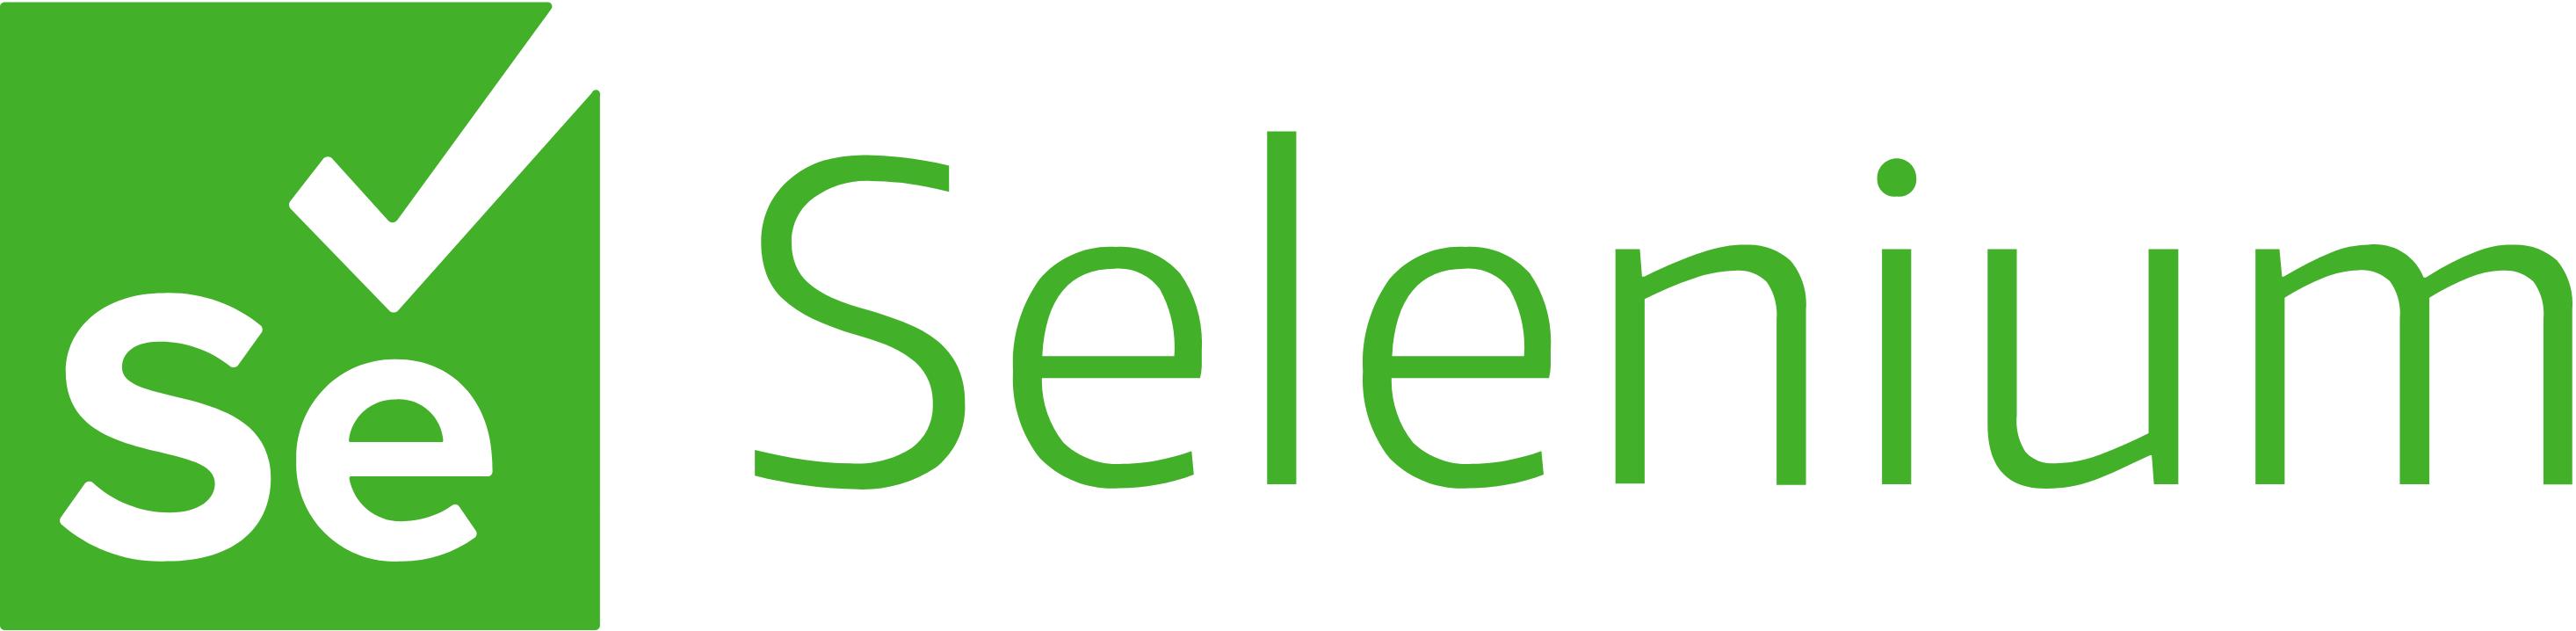 Selenium logotipo visto en Ciberninjas